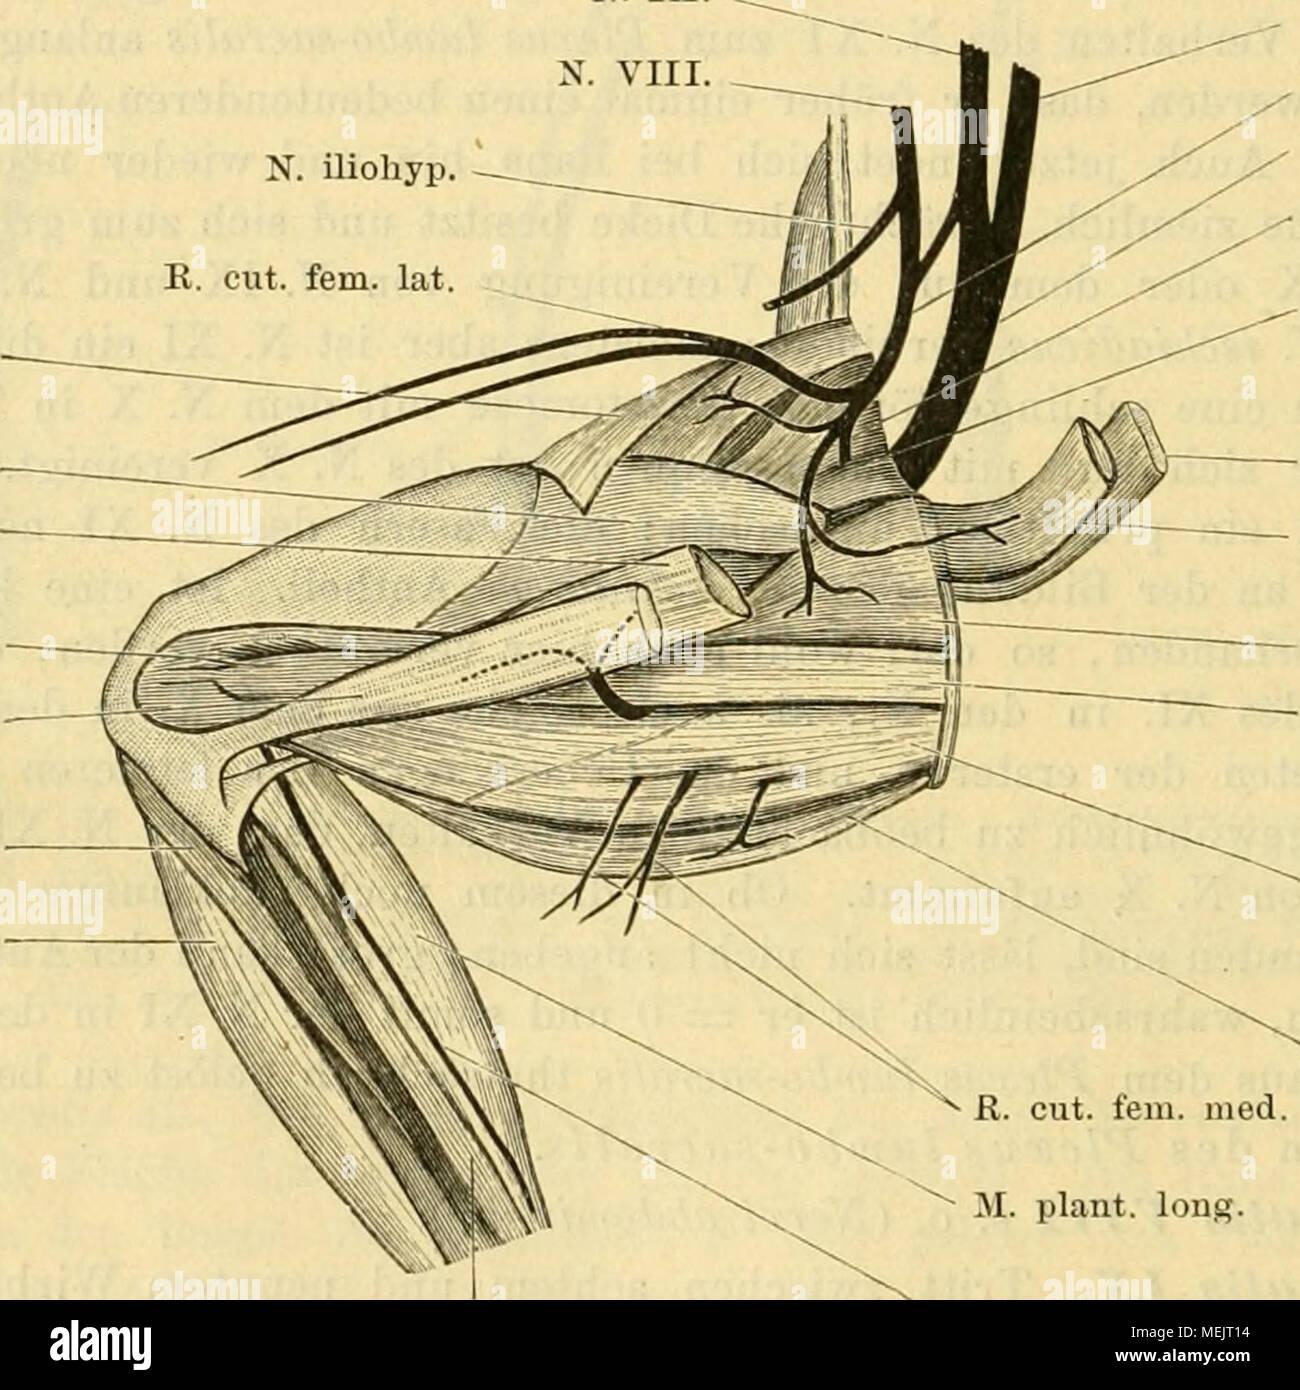 Wunderbar Was Bedeutet Distales Mittelwert In Der Anatomie Galerie ...